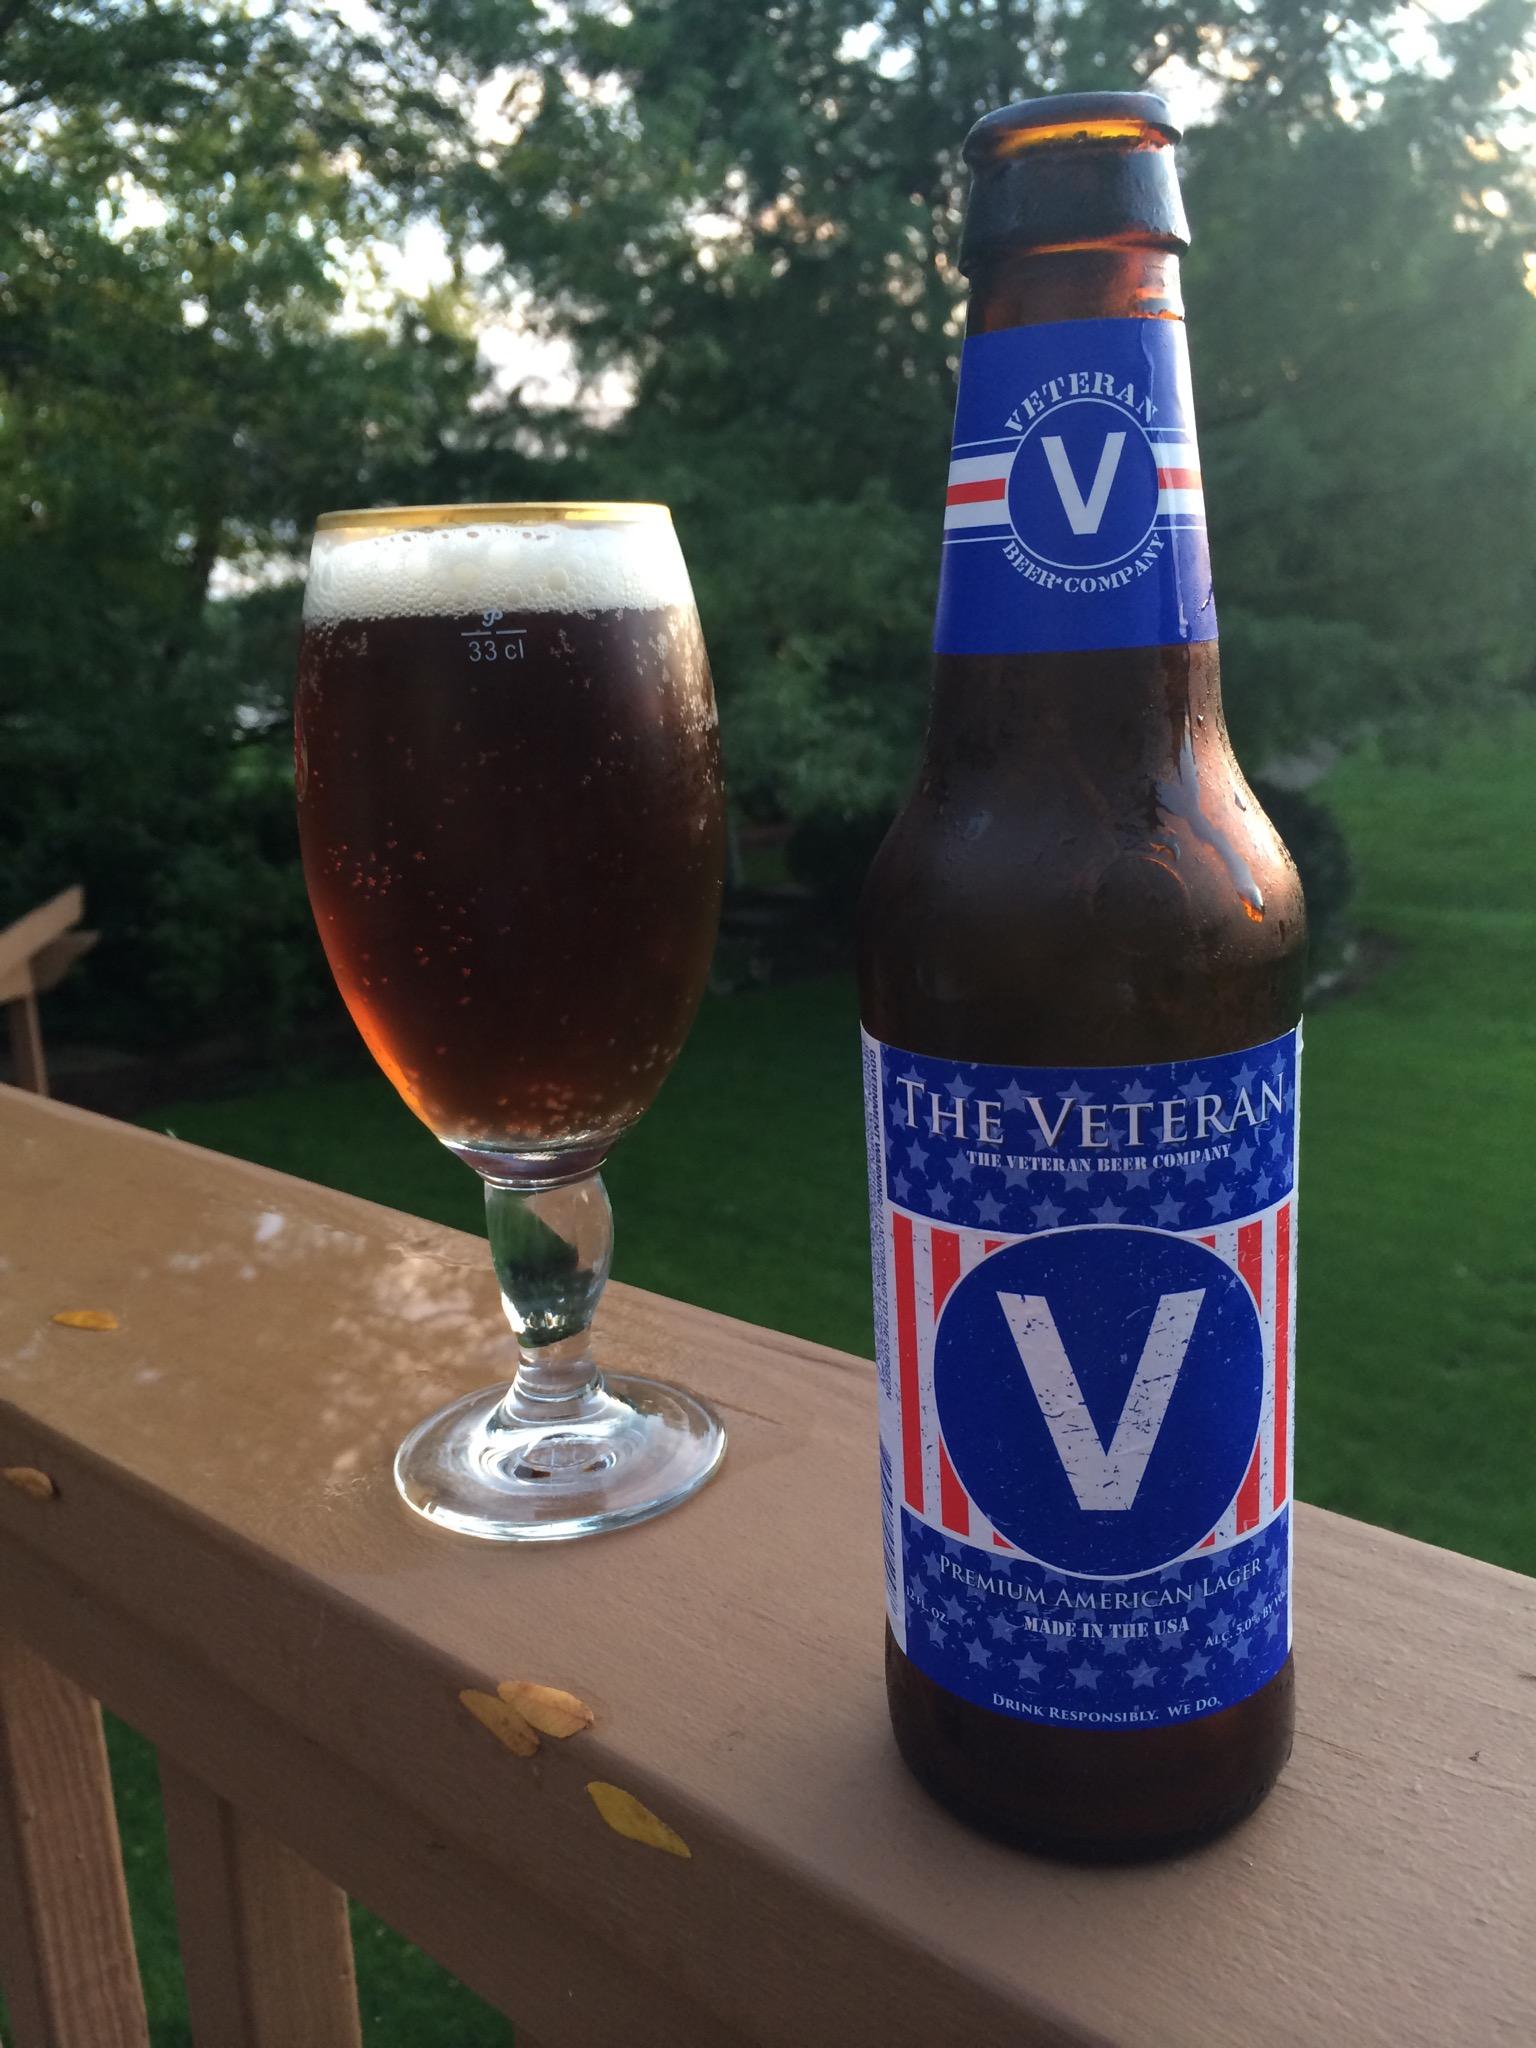 728. The Veteran Beer Co. - The Veteran Premium American Lager